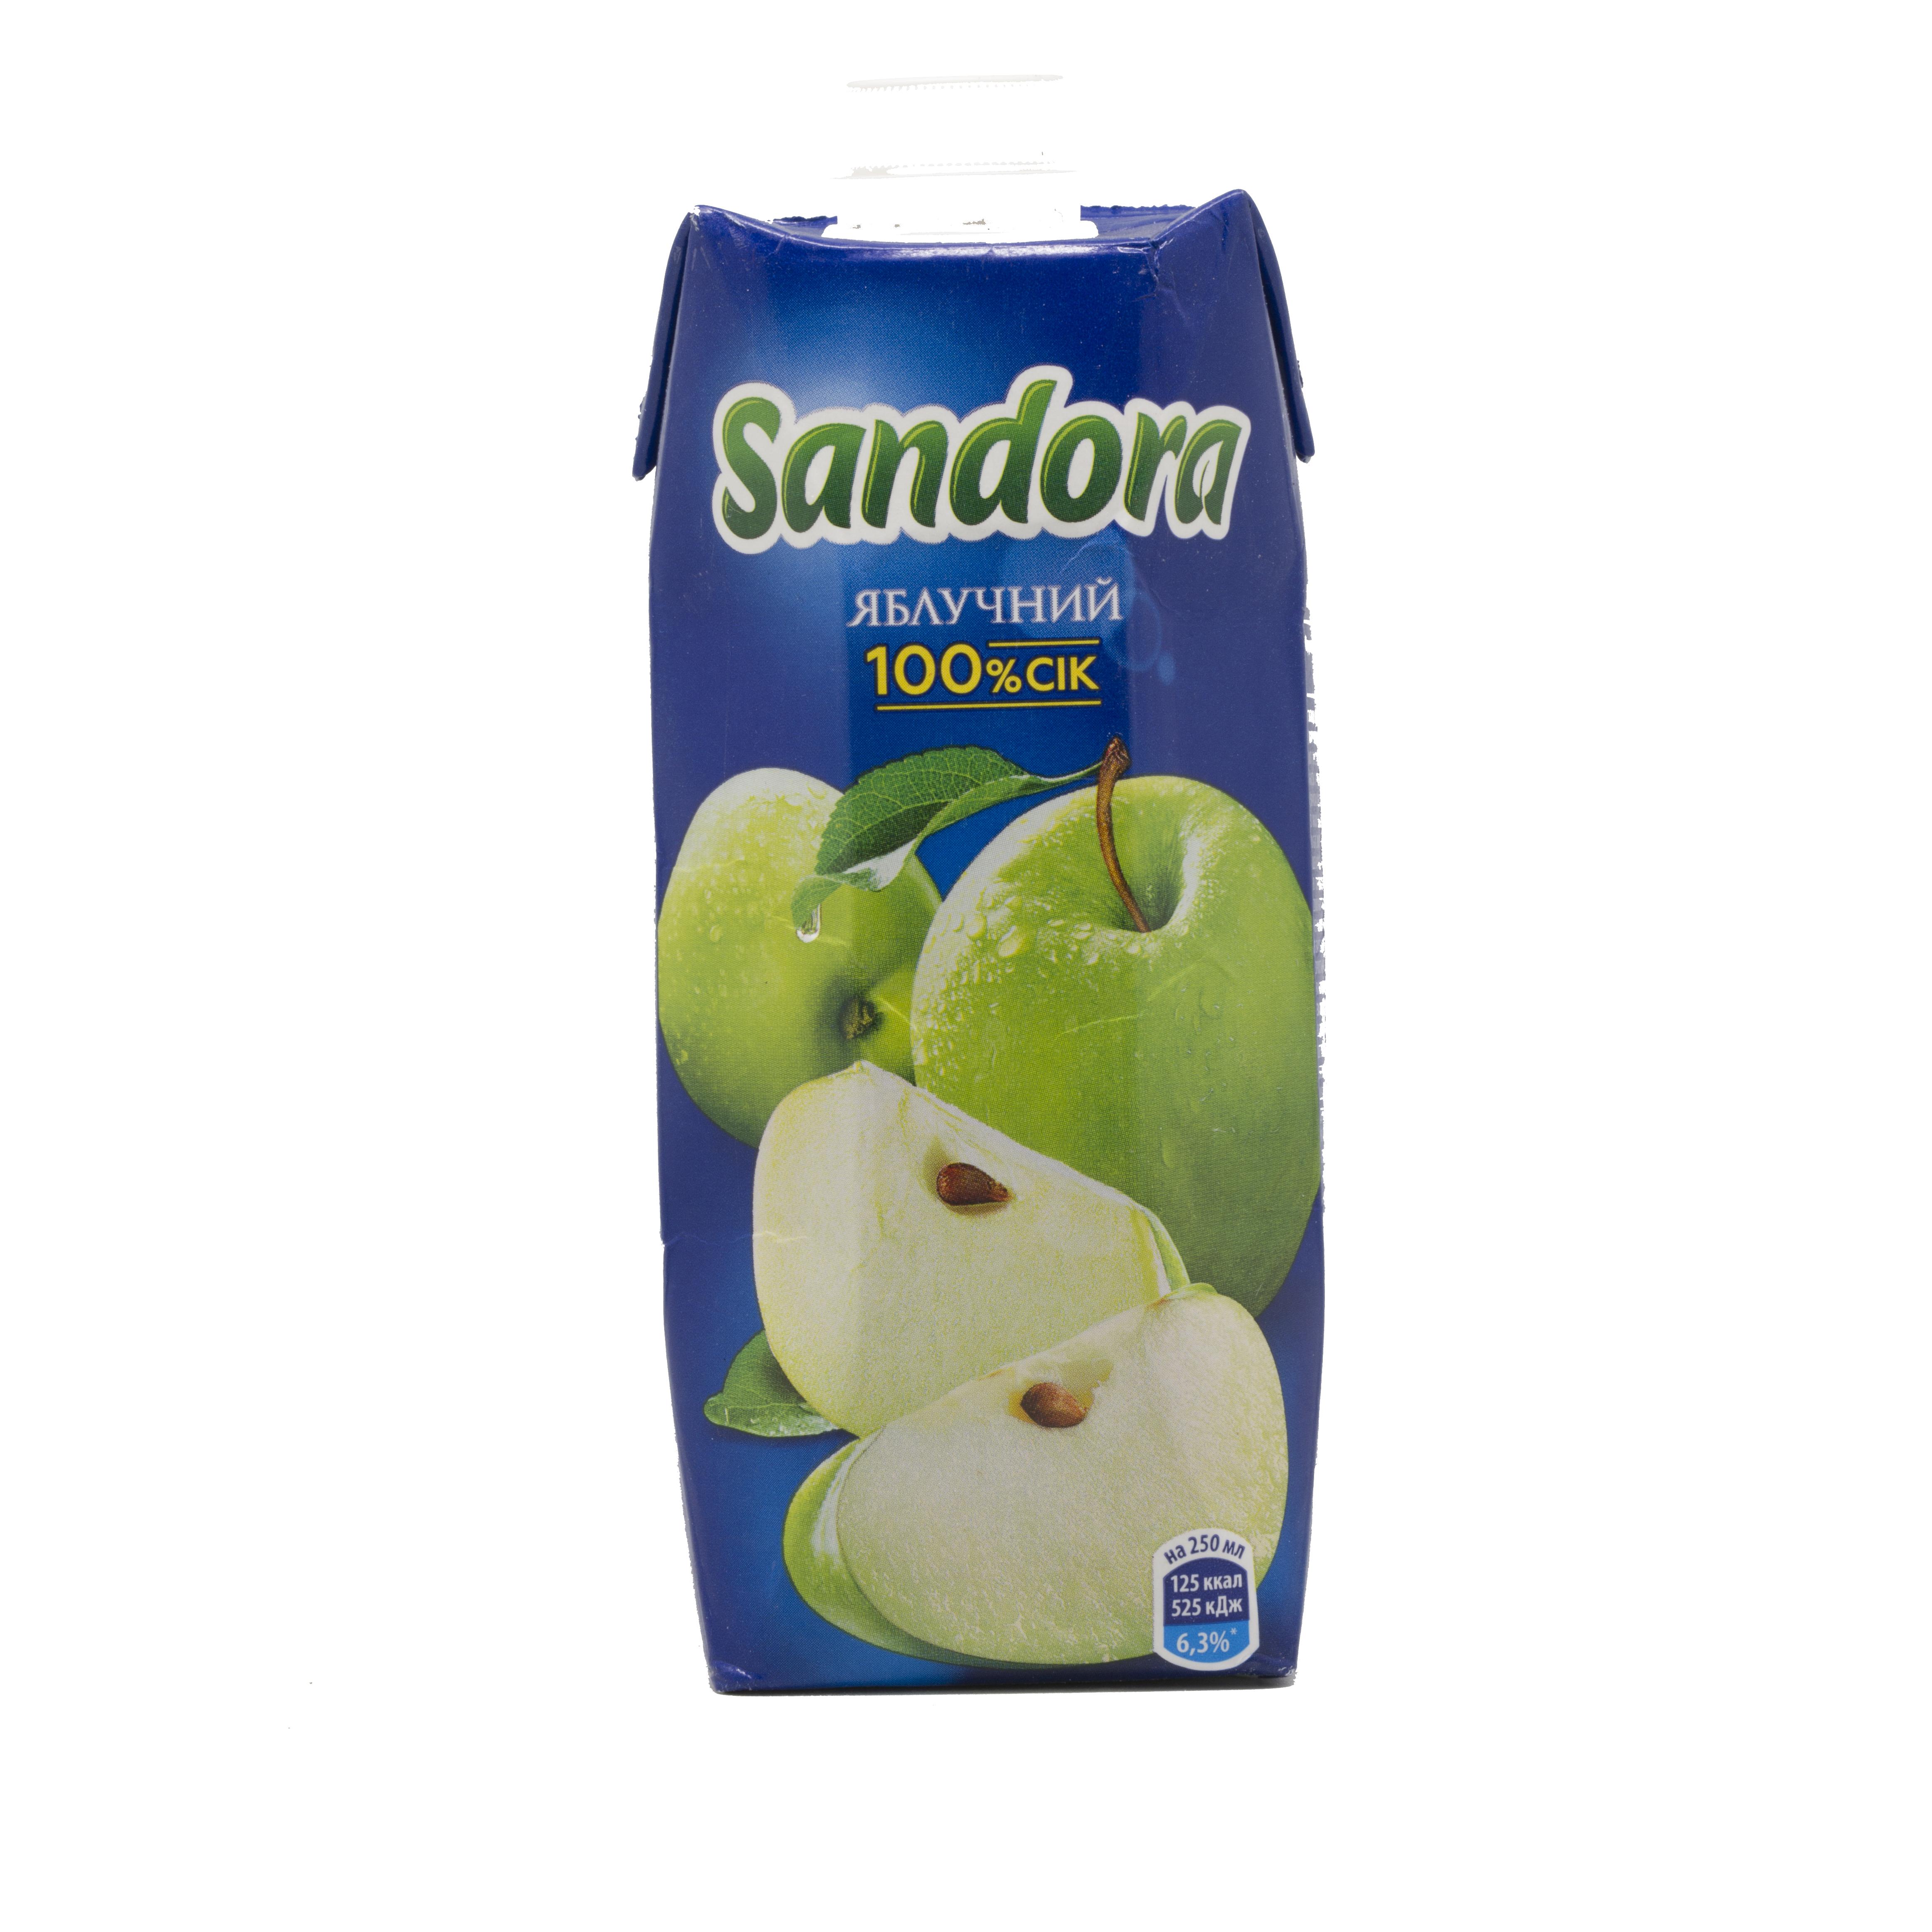 0,5ლ ვაშლი Sandora/წვენი